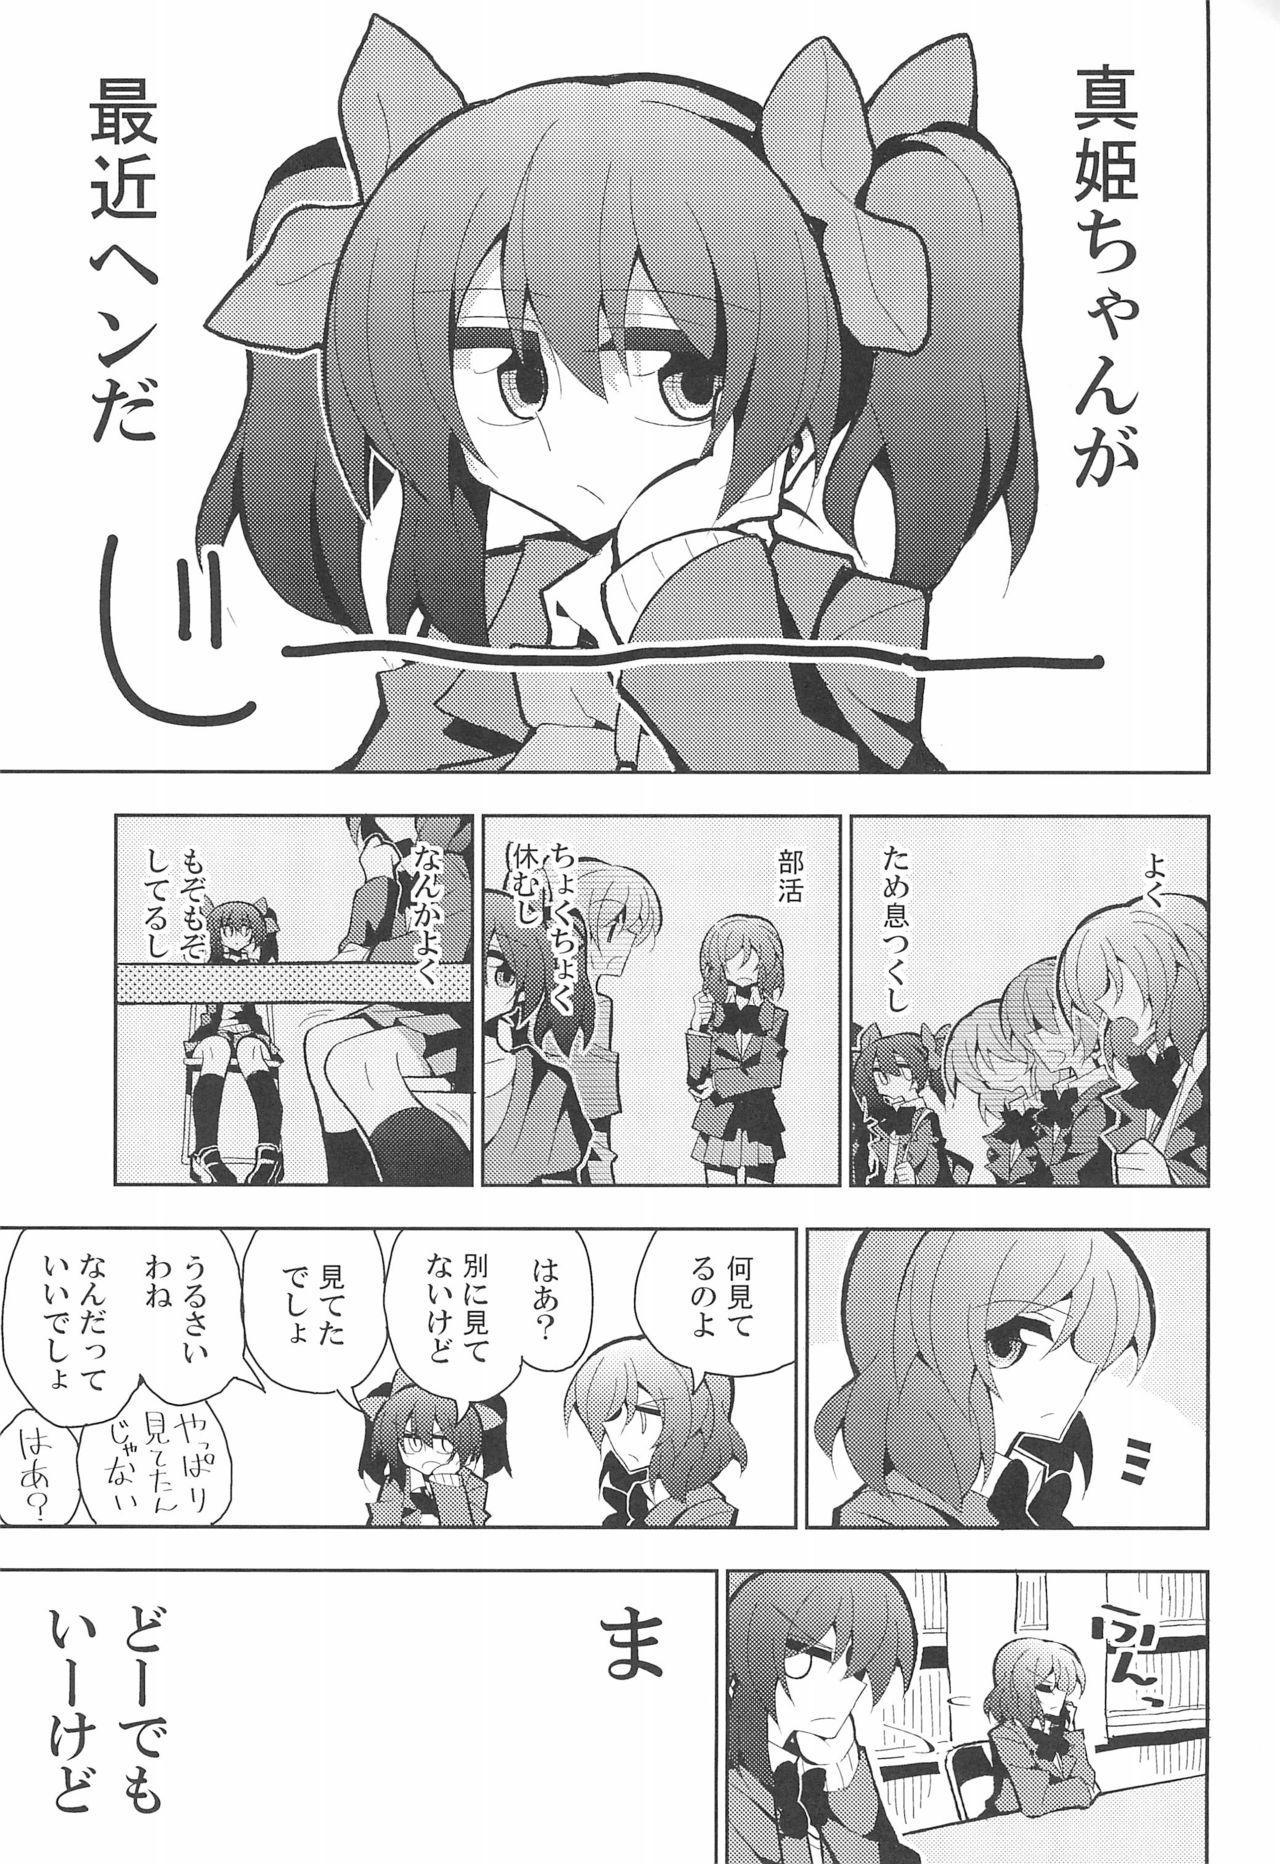 NicoMaki Futanari Sex 2